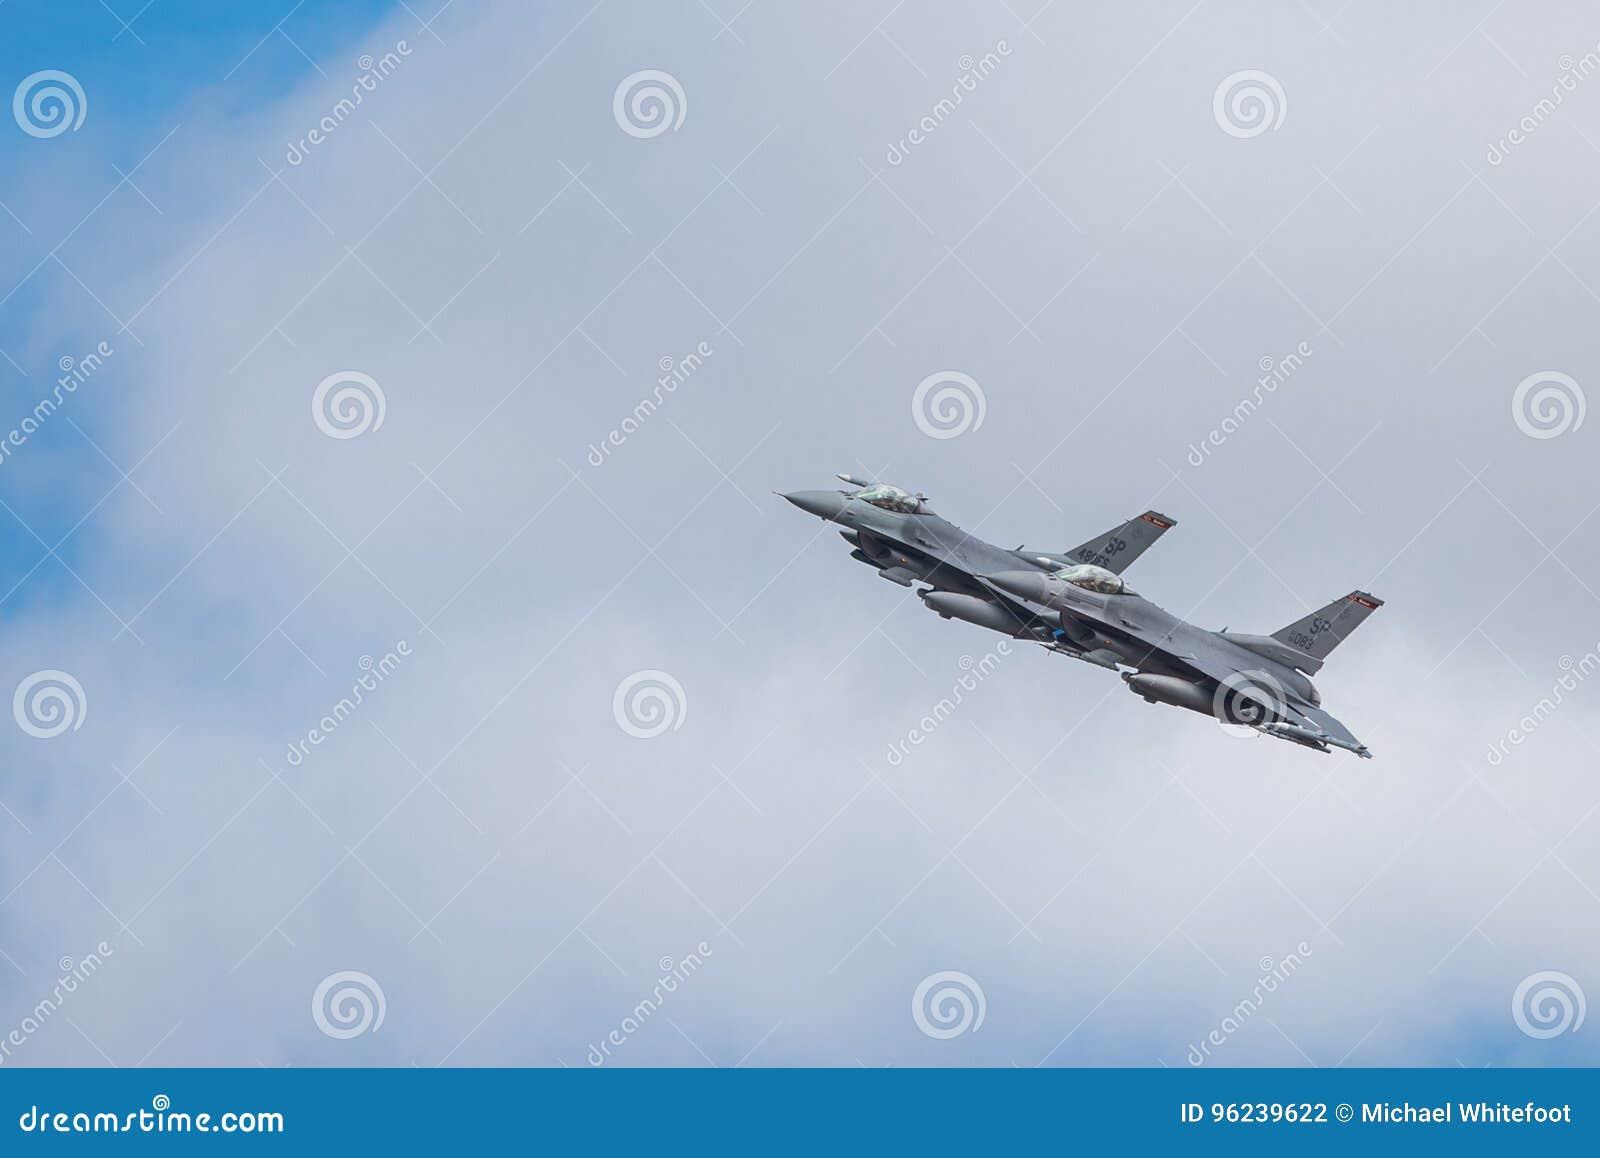 De algemene F-16 van de Dynamica het Vechten Valk is een veelzijdig straalvechtersvliegtuig dat oorspronkelijk door Algemene Dyna